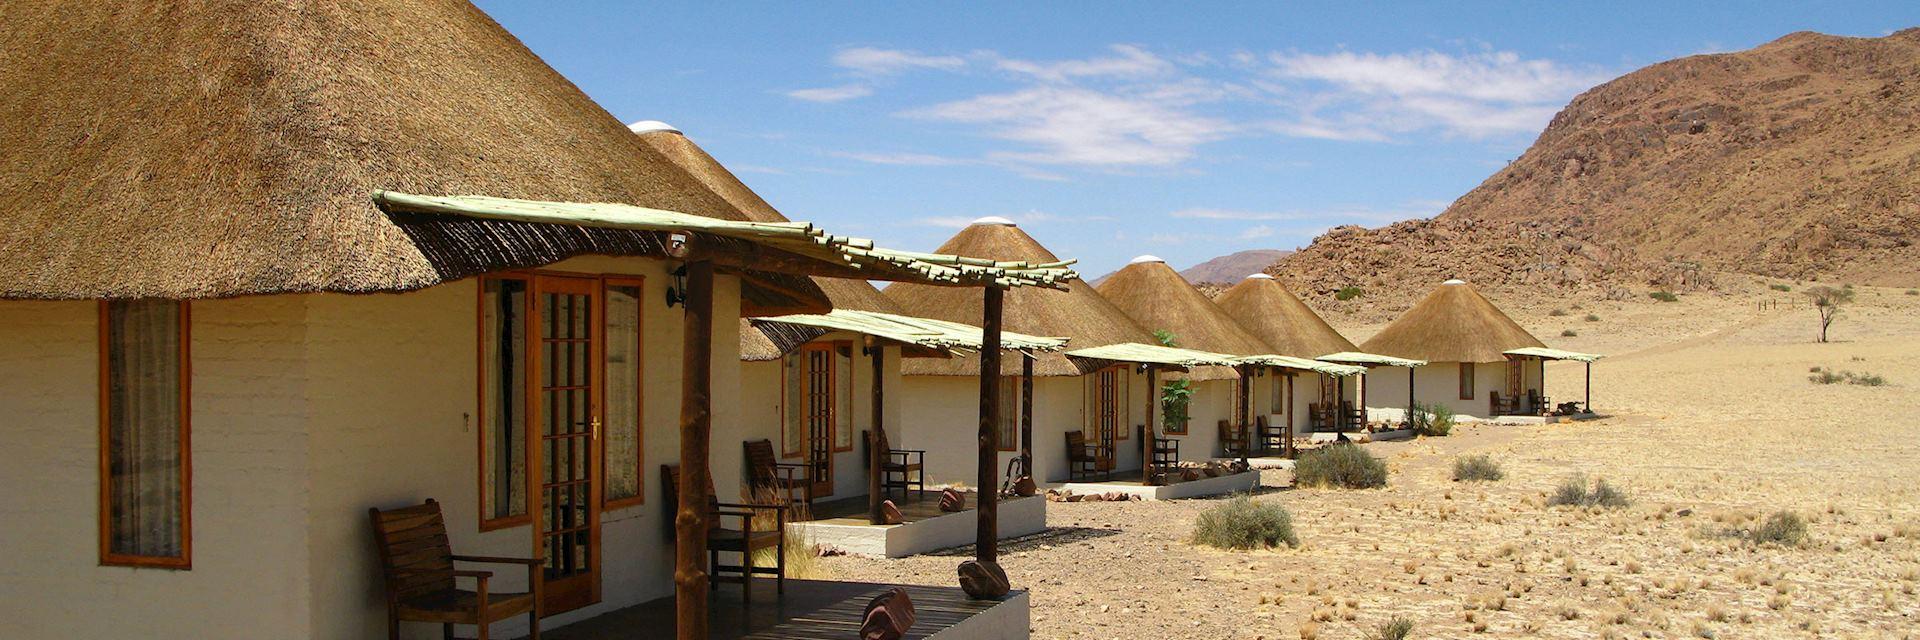 Desert Homestead, Sossusvlei